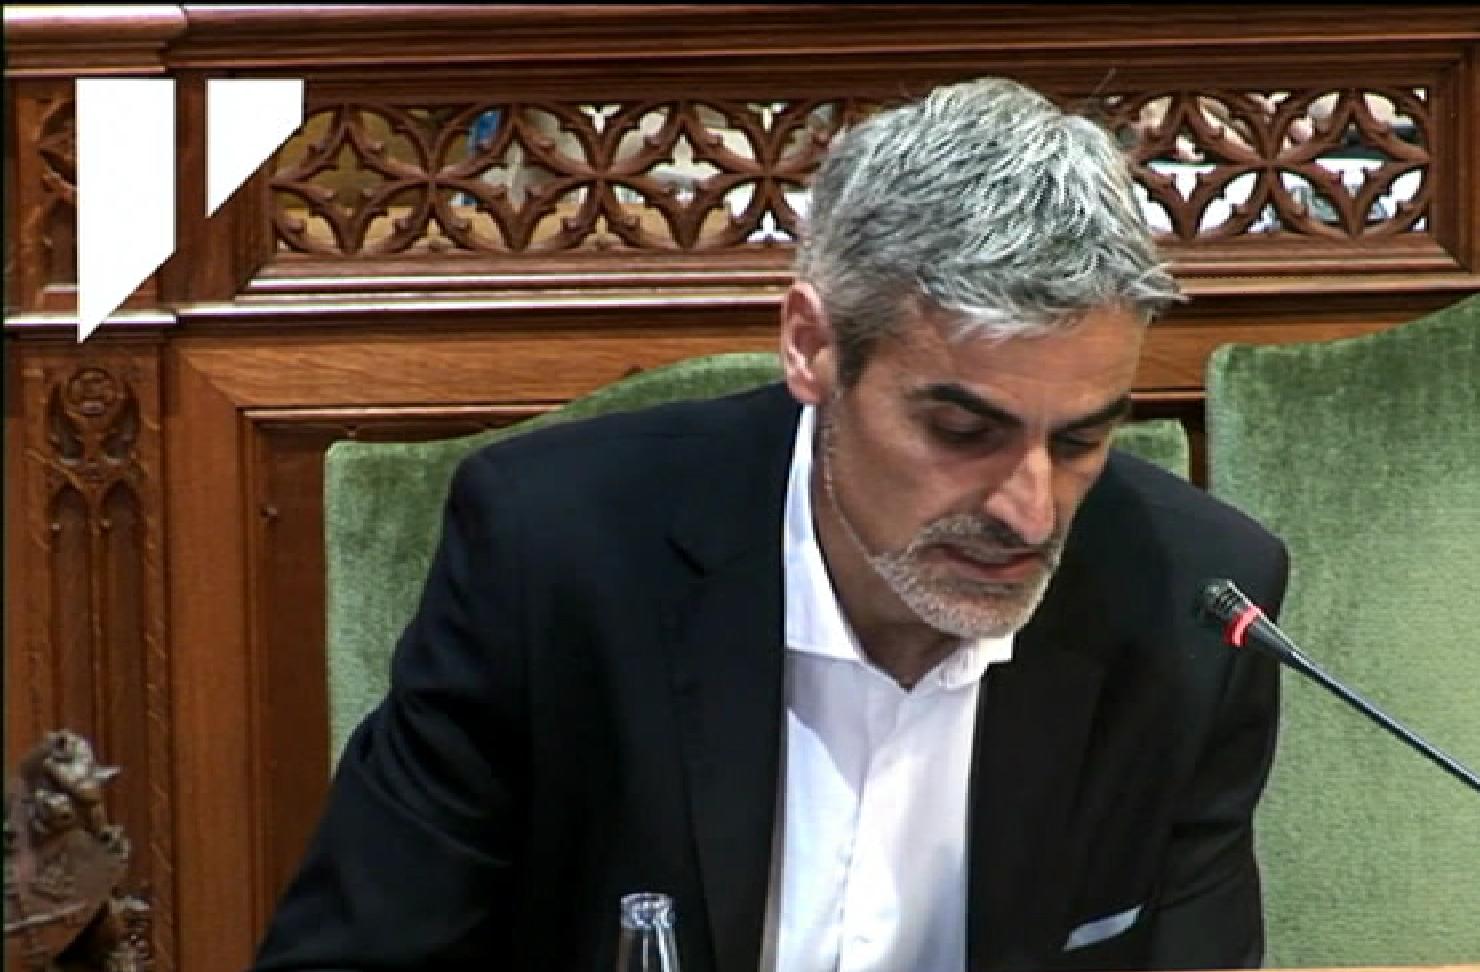 El+Consell+de+Mallorca+aprova+16%2C8+milions+d%27euros+per+a+la+reactivaci%C3%B3+social+i+econ%C3%B2mica+de+l%27illa